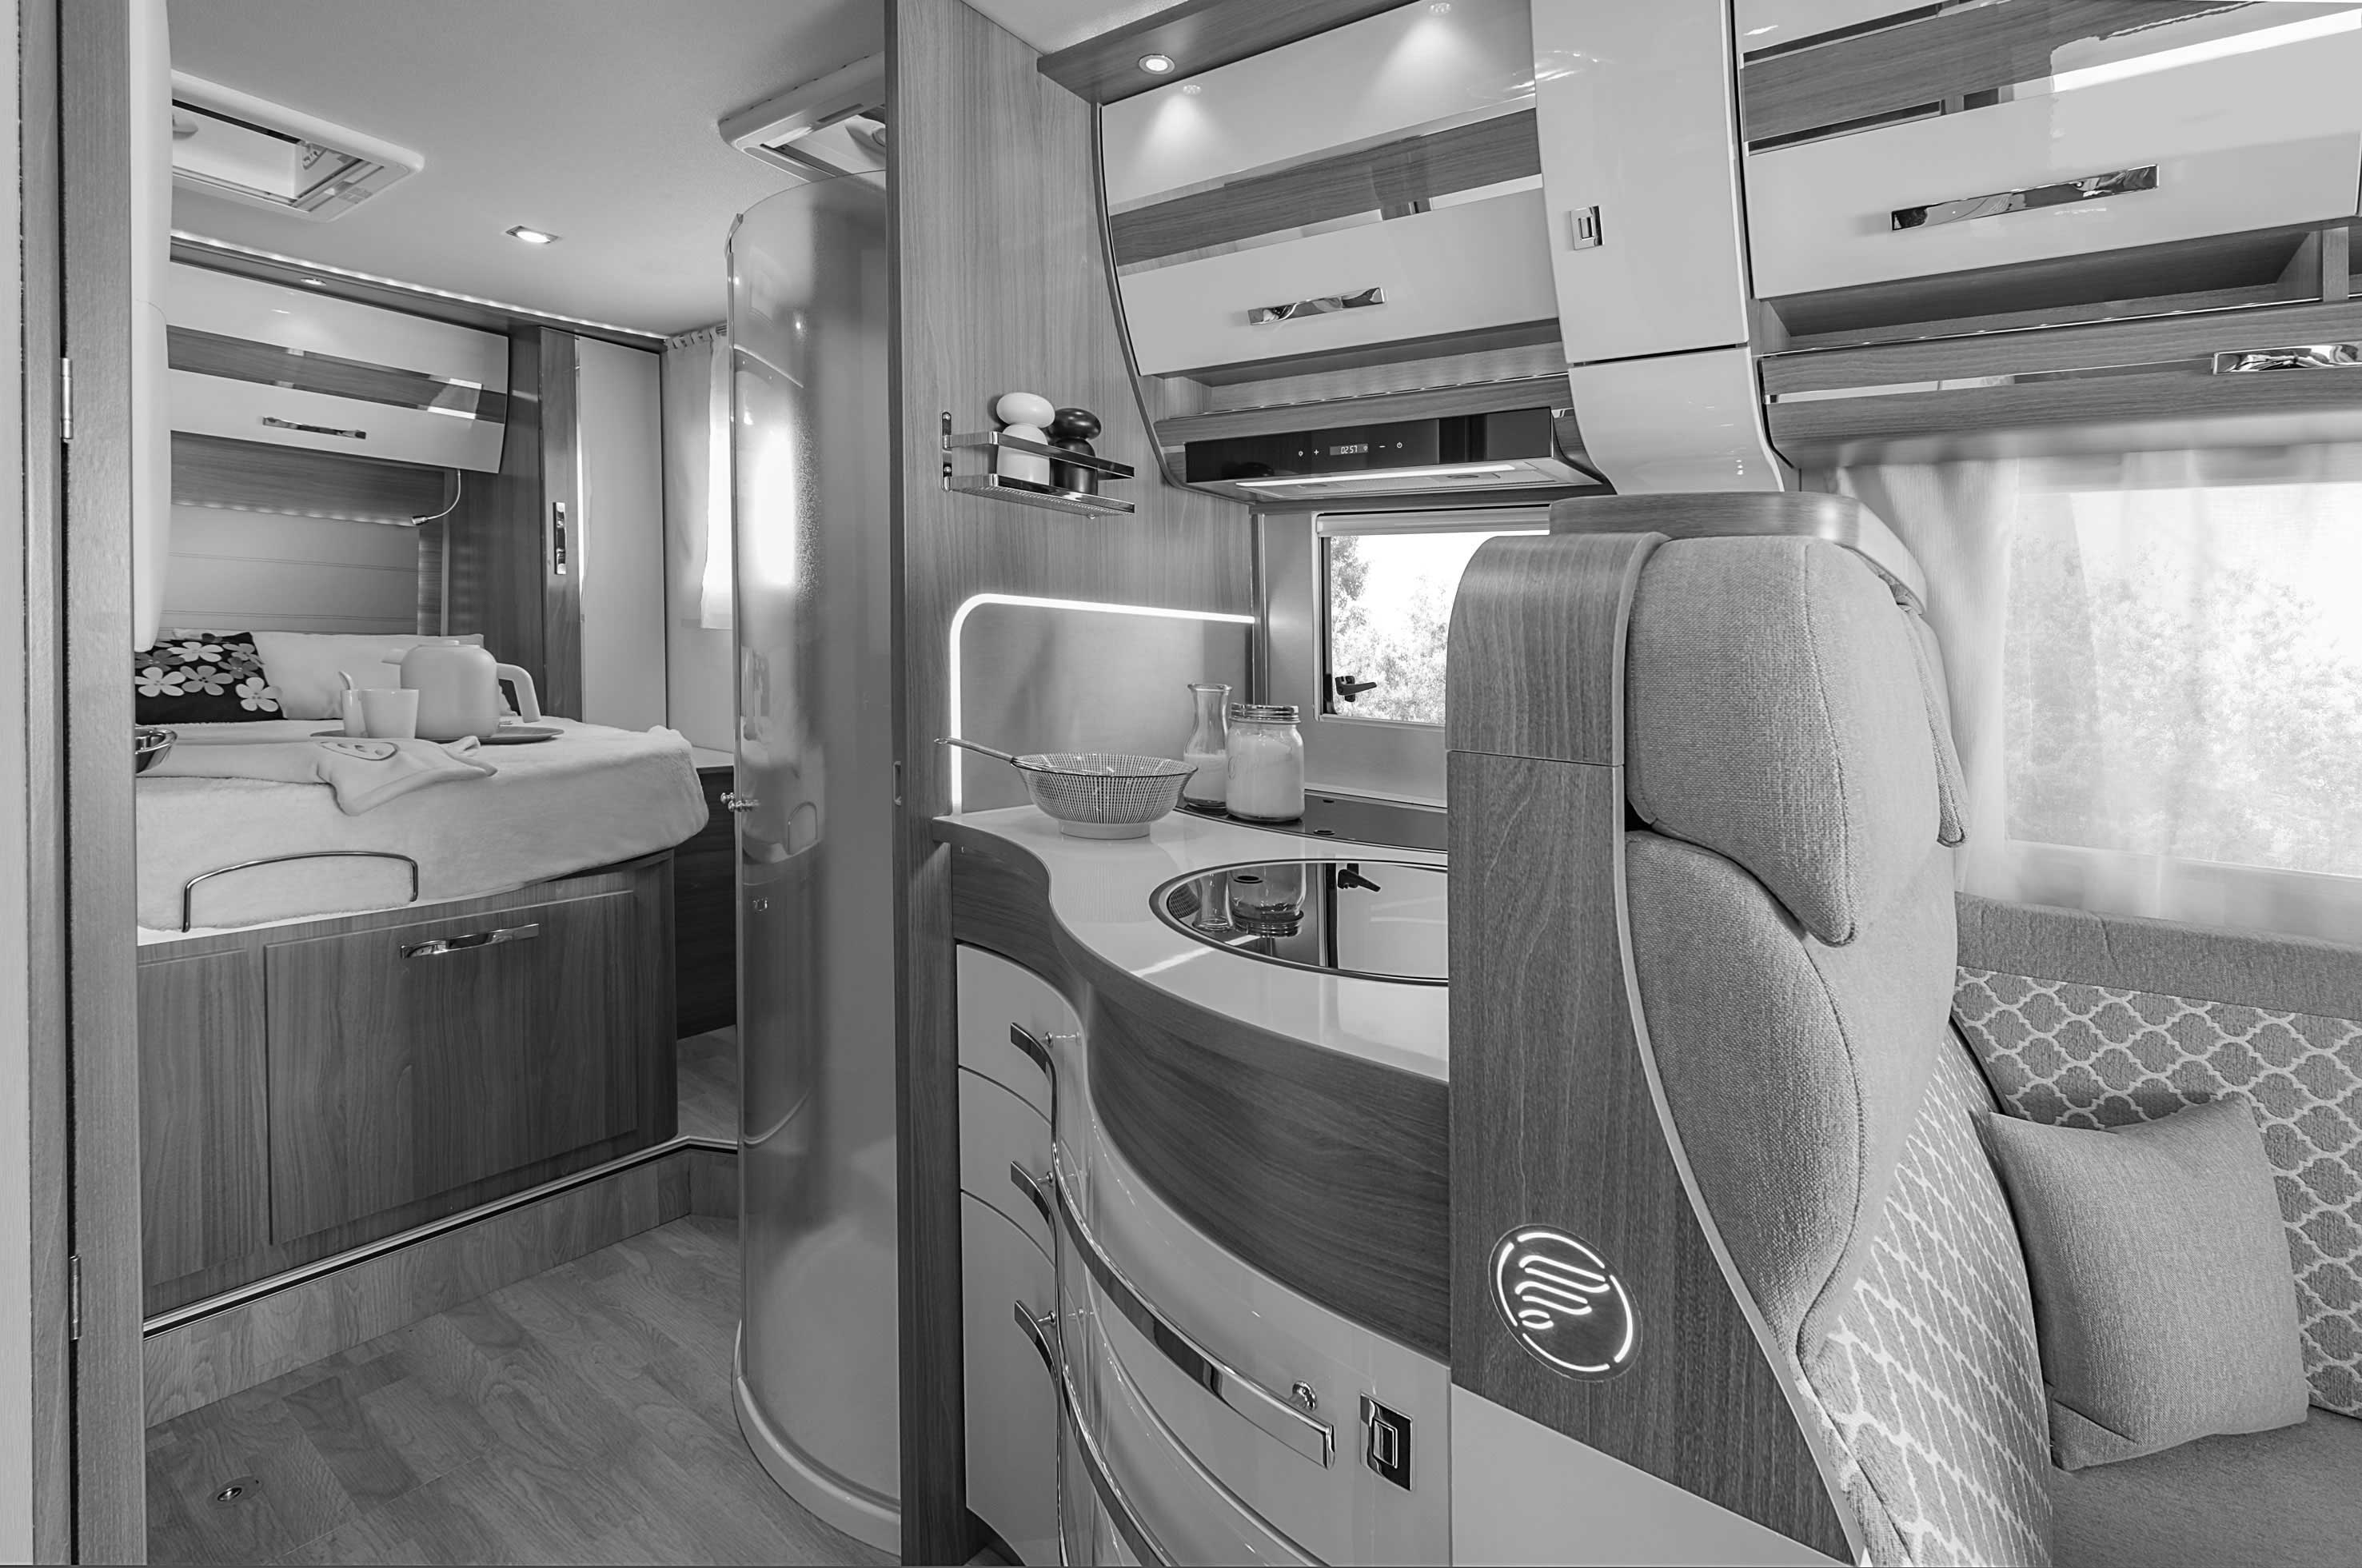 wincester 70lms le camping car int gral compact avec lit central floriumflorium. Black Bedroom Furniture Sets. Home Design Ideas